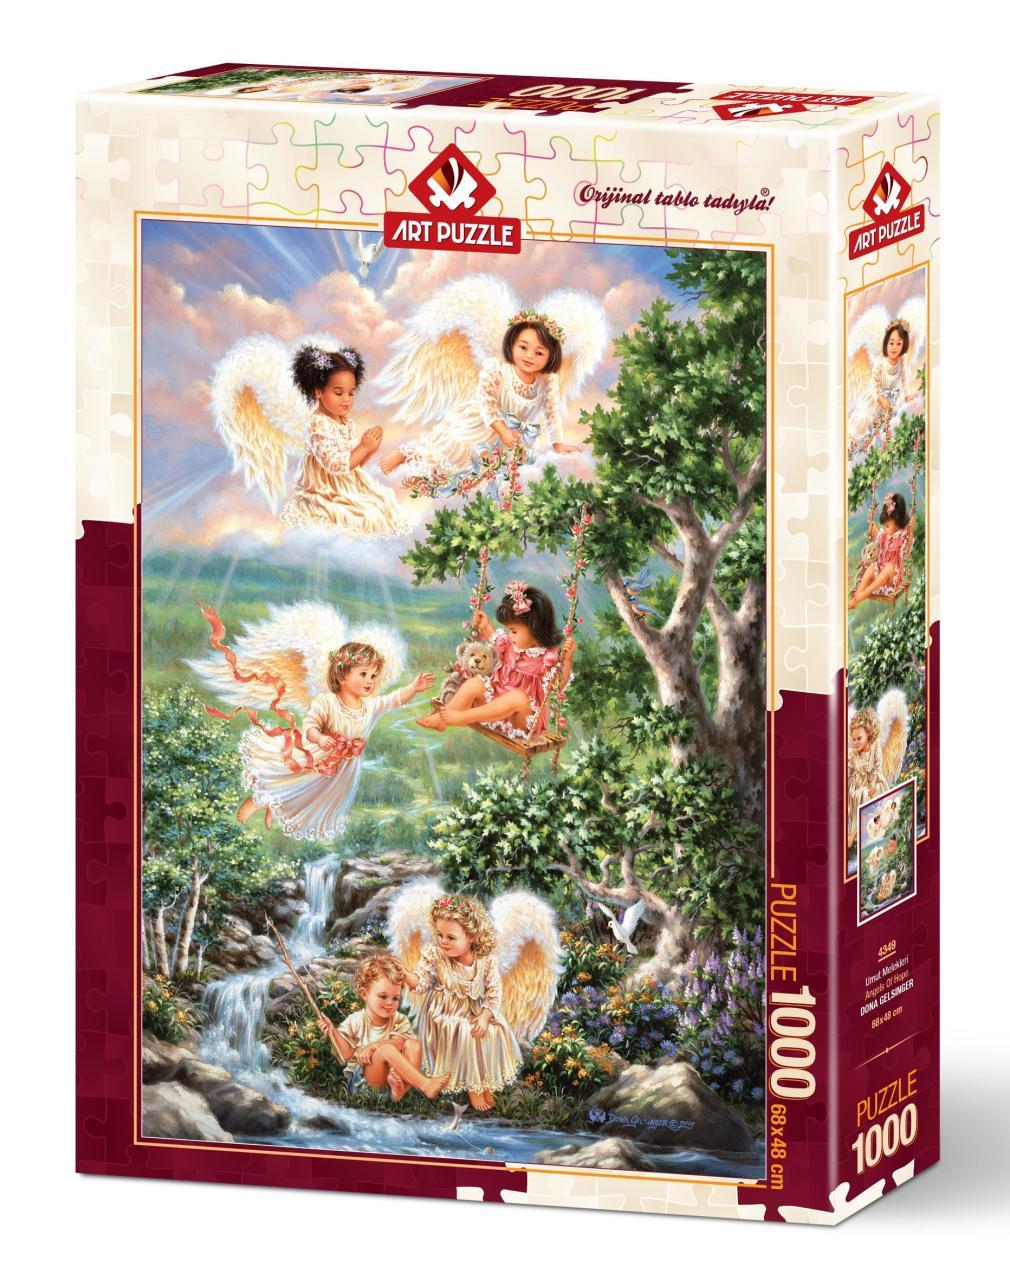 Художественный Пазл «Надеюсь Ангелы», пазл-головоломка из 1000 деталей